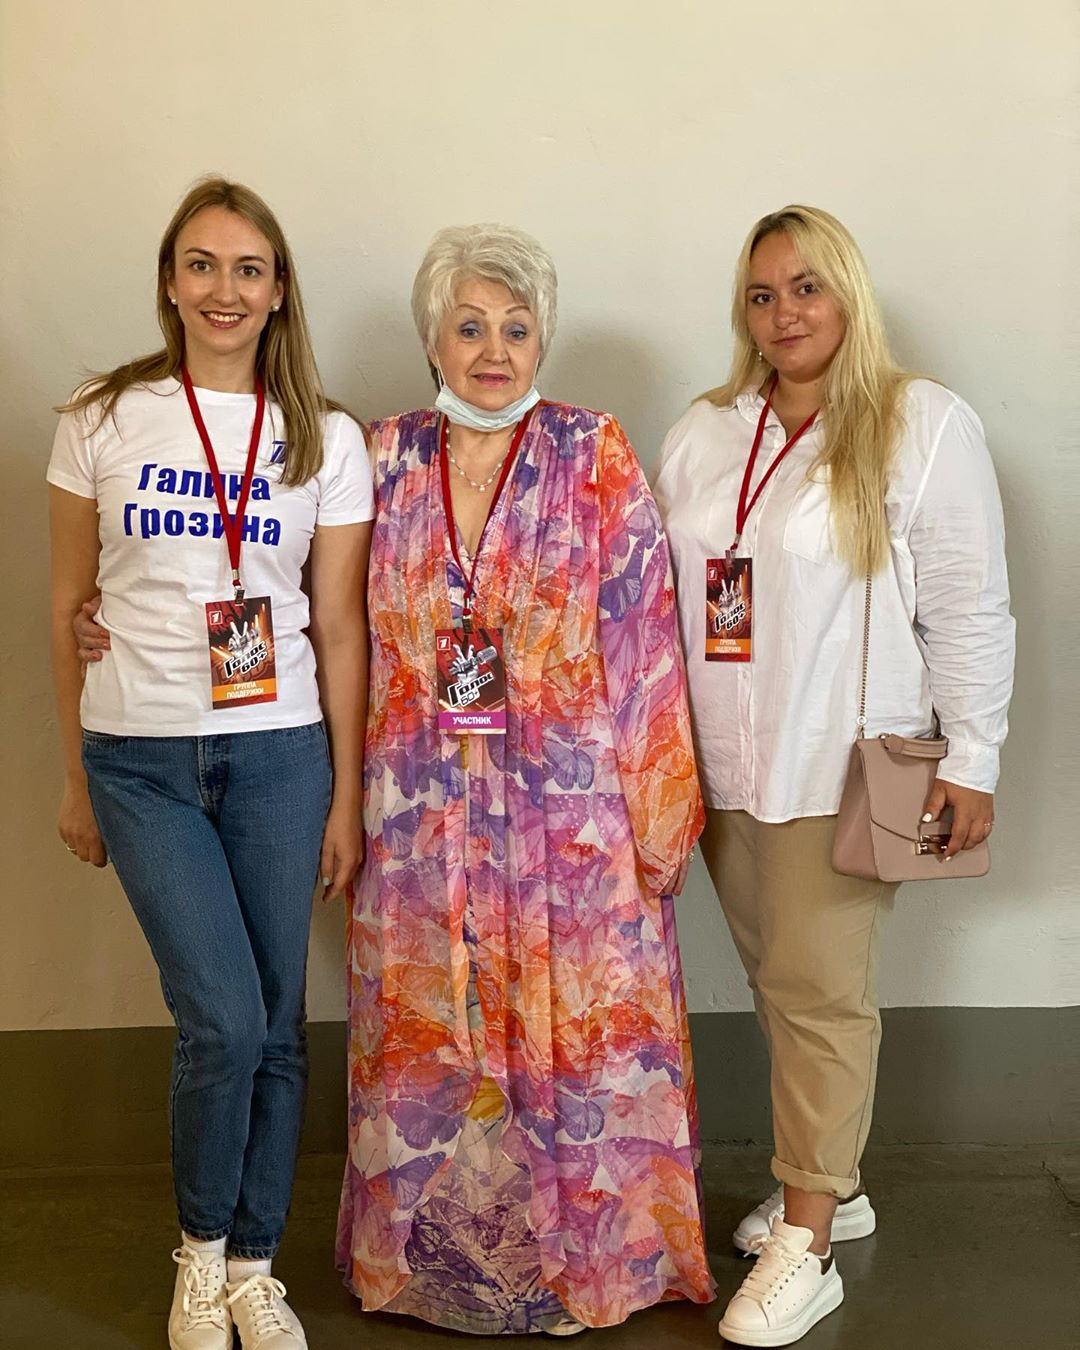 Галина Грозина и ее группа поддержки